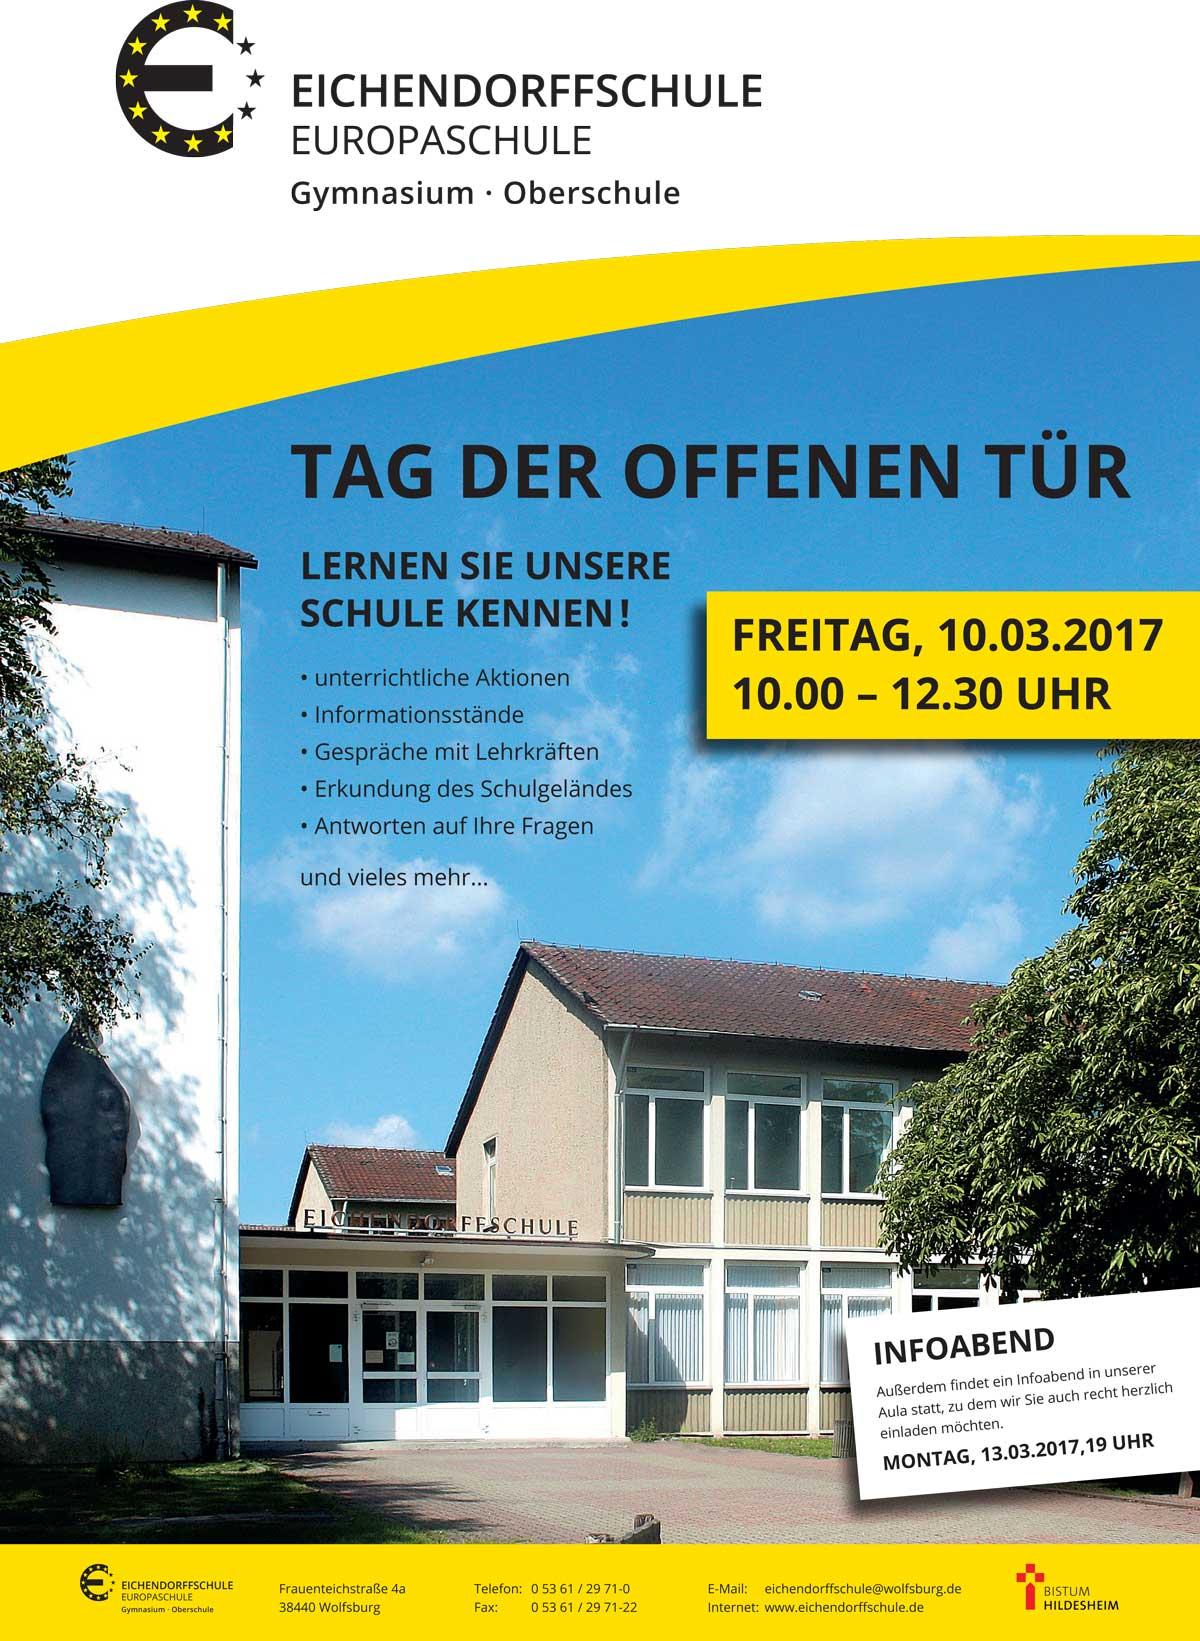 eichendorffschule wolfsburg - tag der offenen tür 2017, Einladung